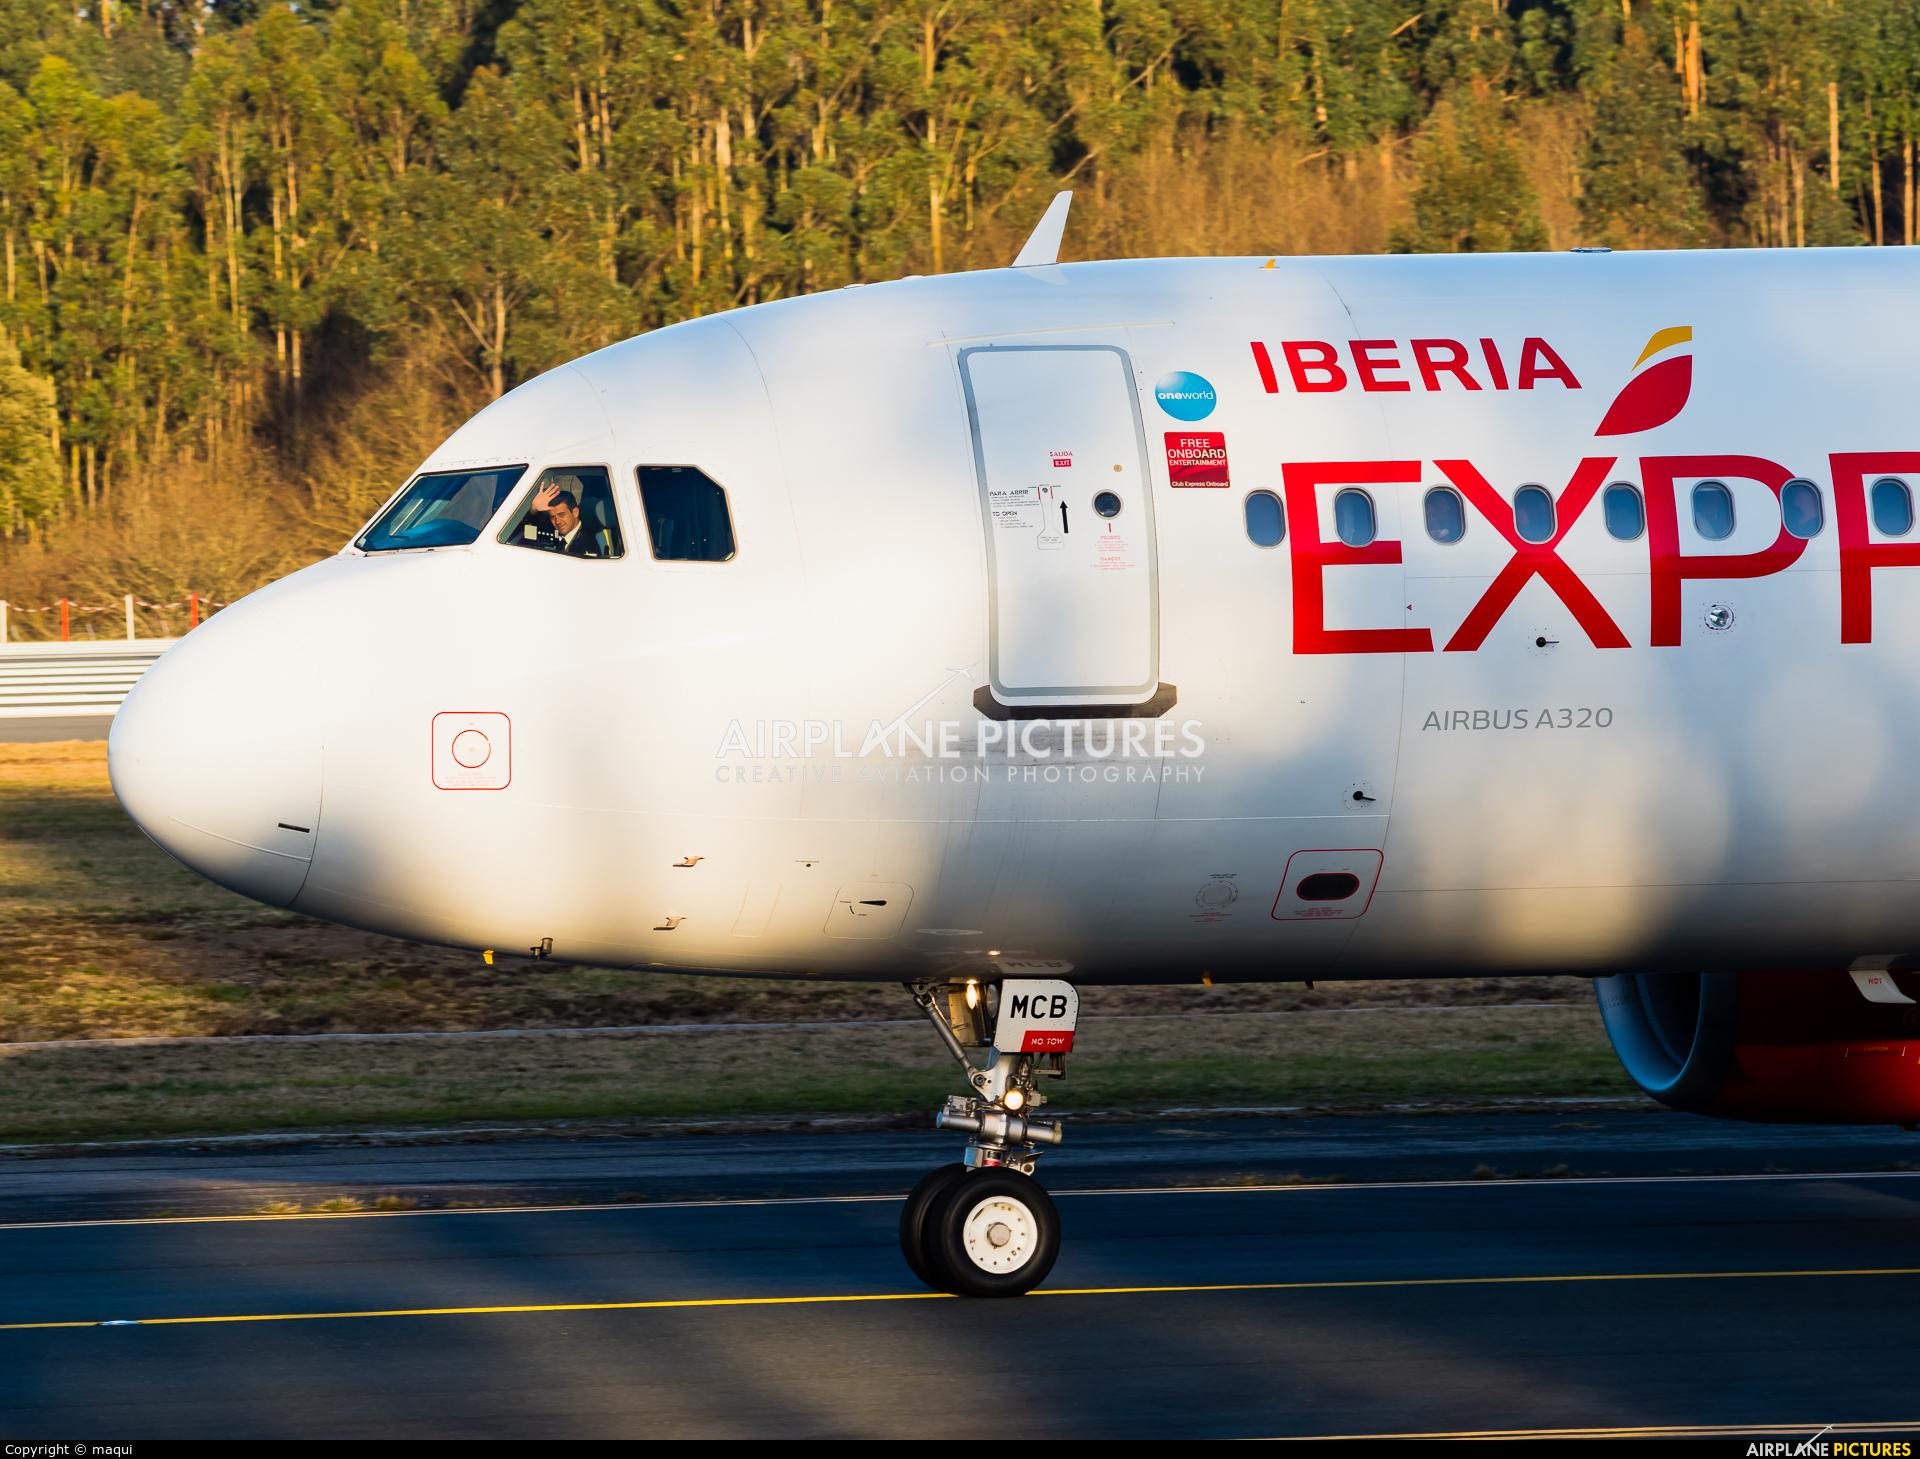 Iberia Express EC-MCB aircraft at Santiago de Compostela